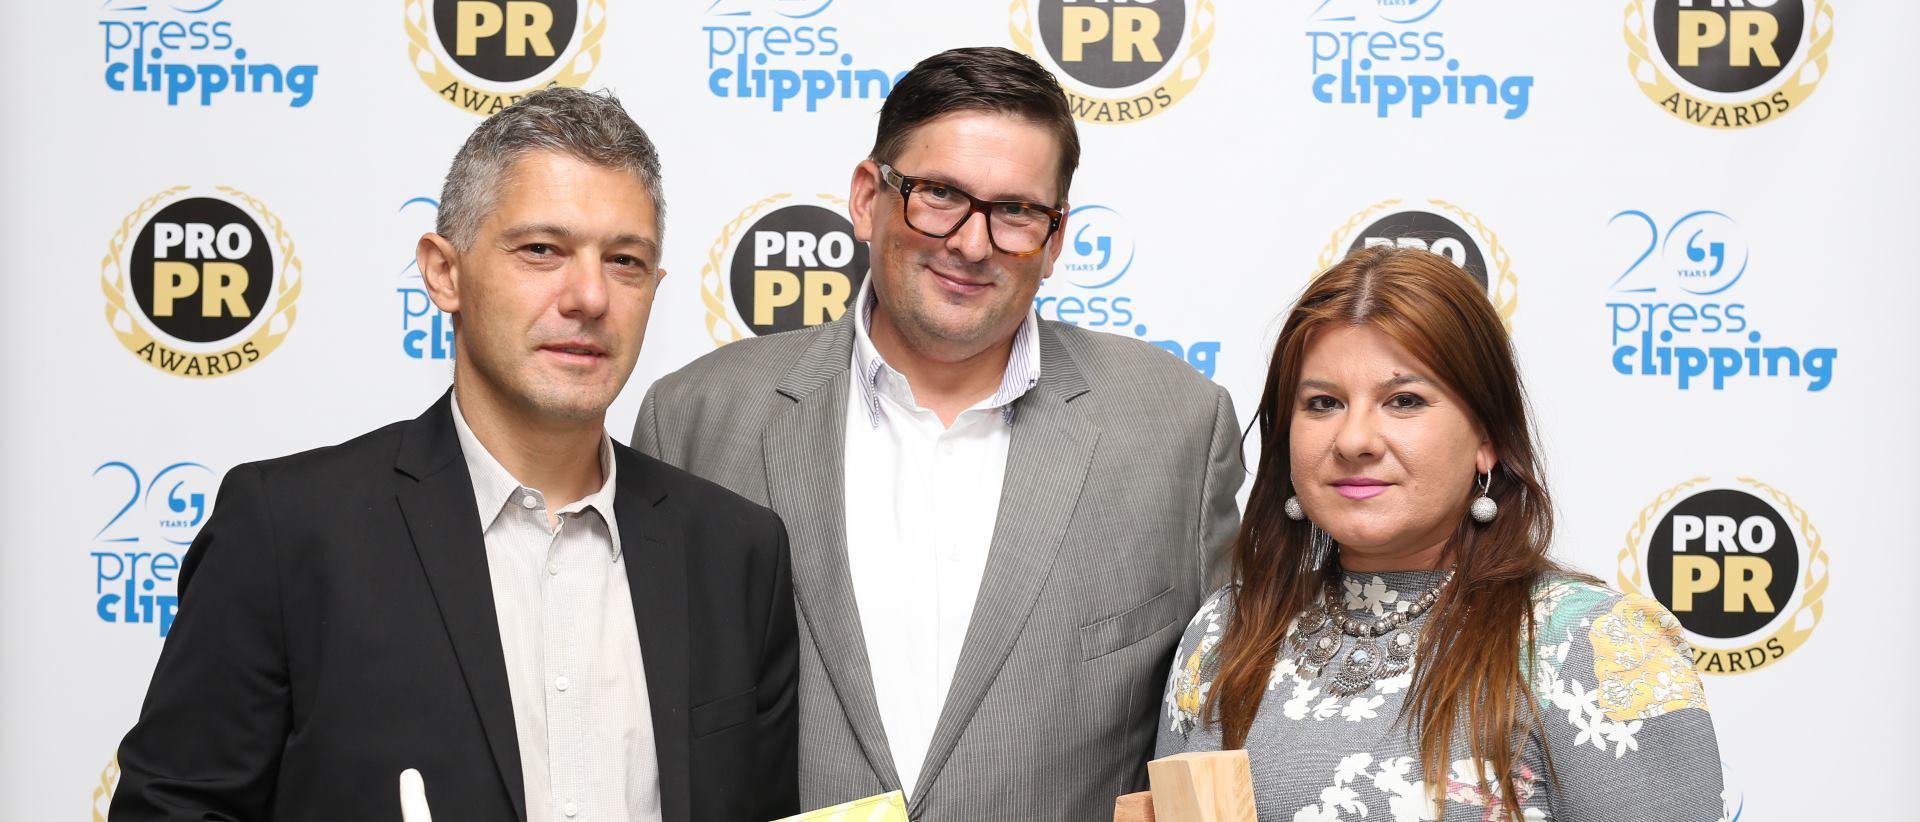 Dodijeljena PRO.PR Awards priznanja Dijani Đerđ i Goranu Pivarskom